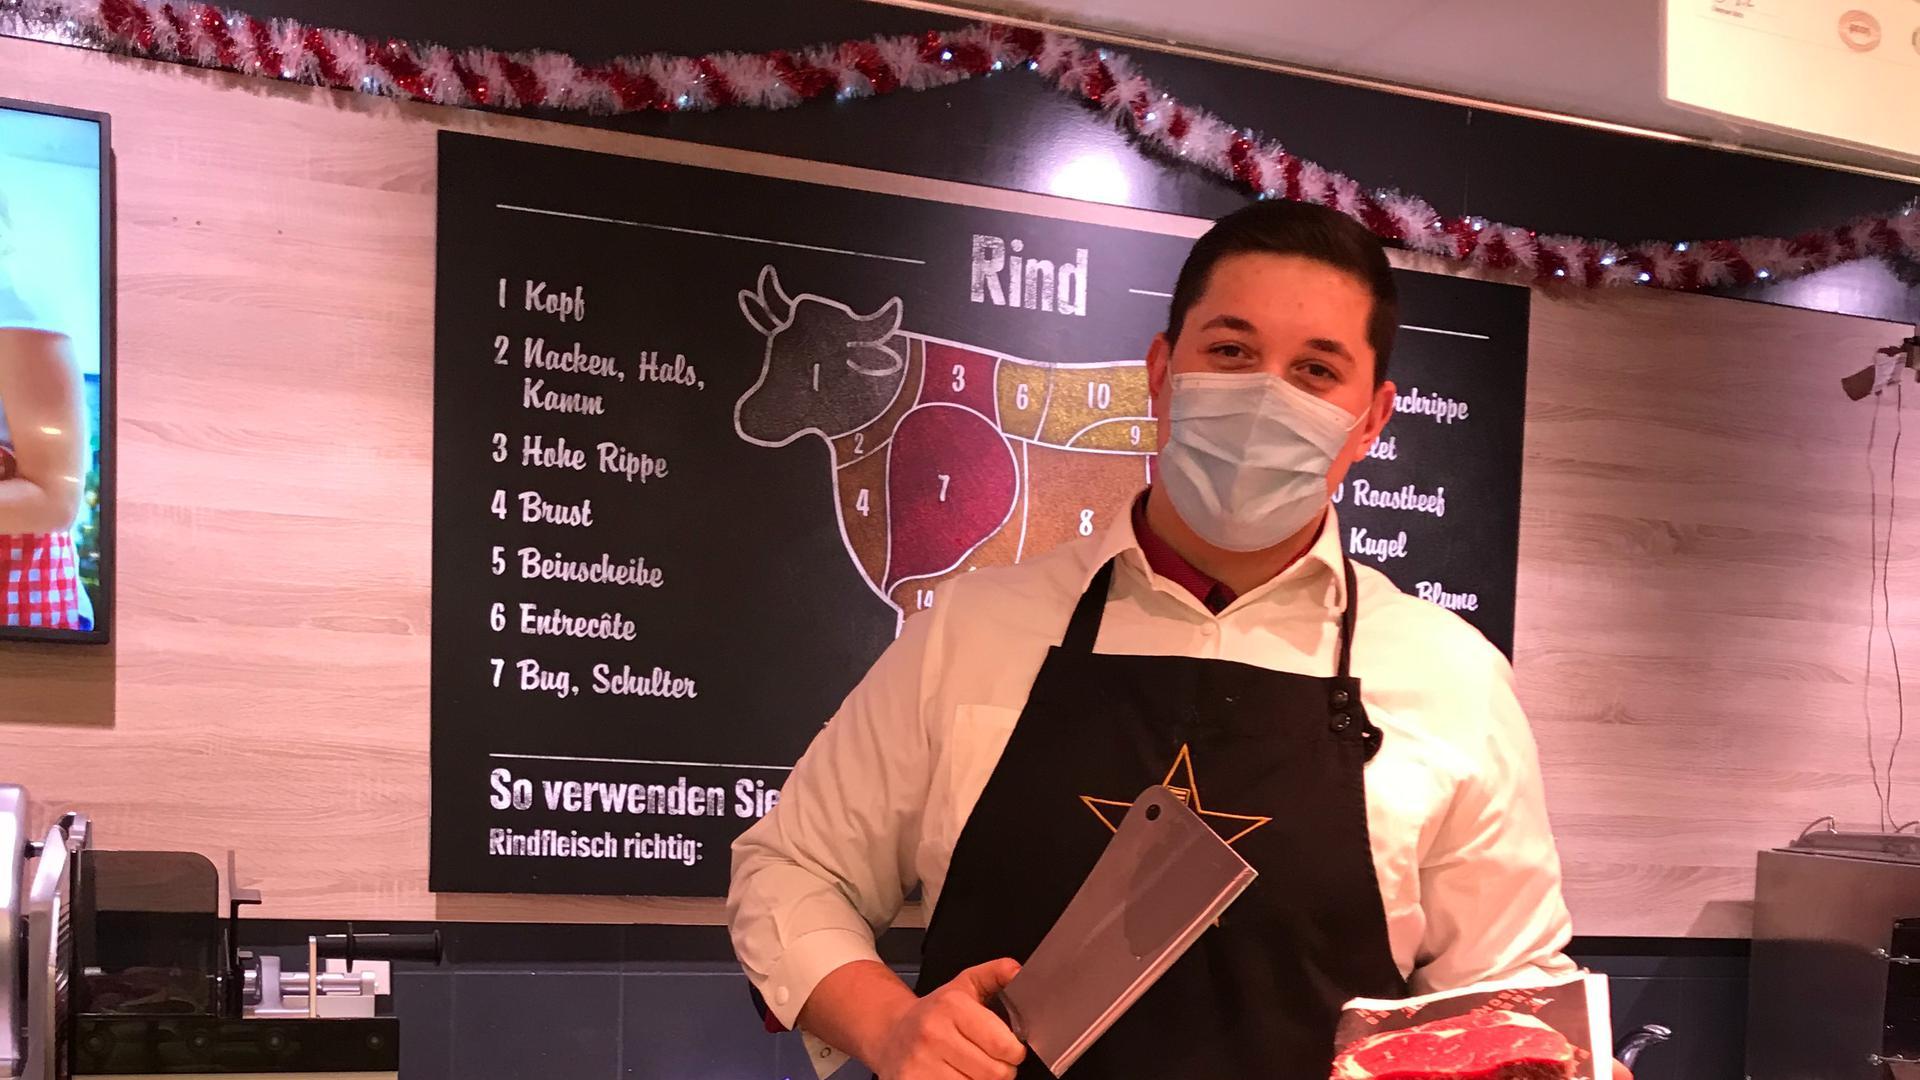 Der Fleischereifachverkäufer Adrian Stanciu hält ein Messer und ein Stück Fleisch in der Hand.